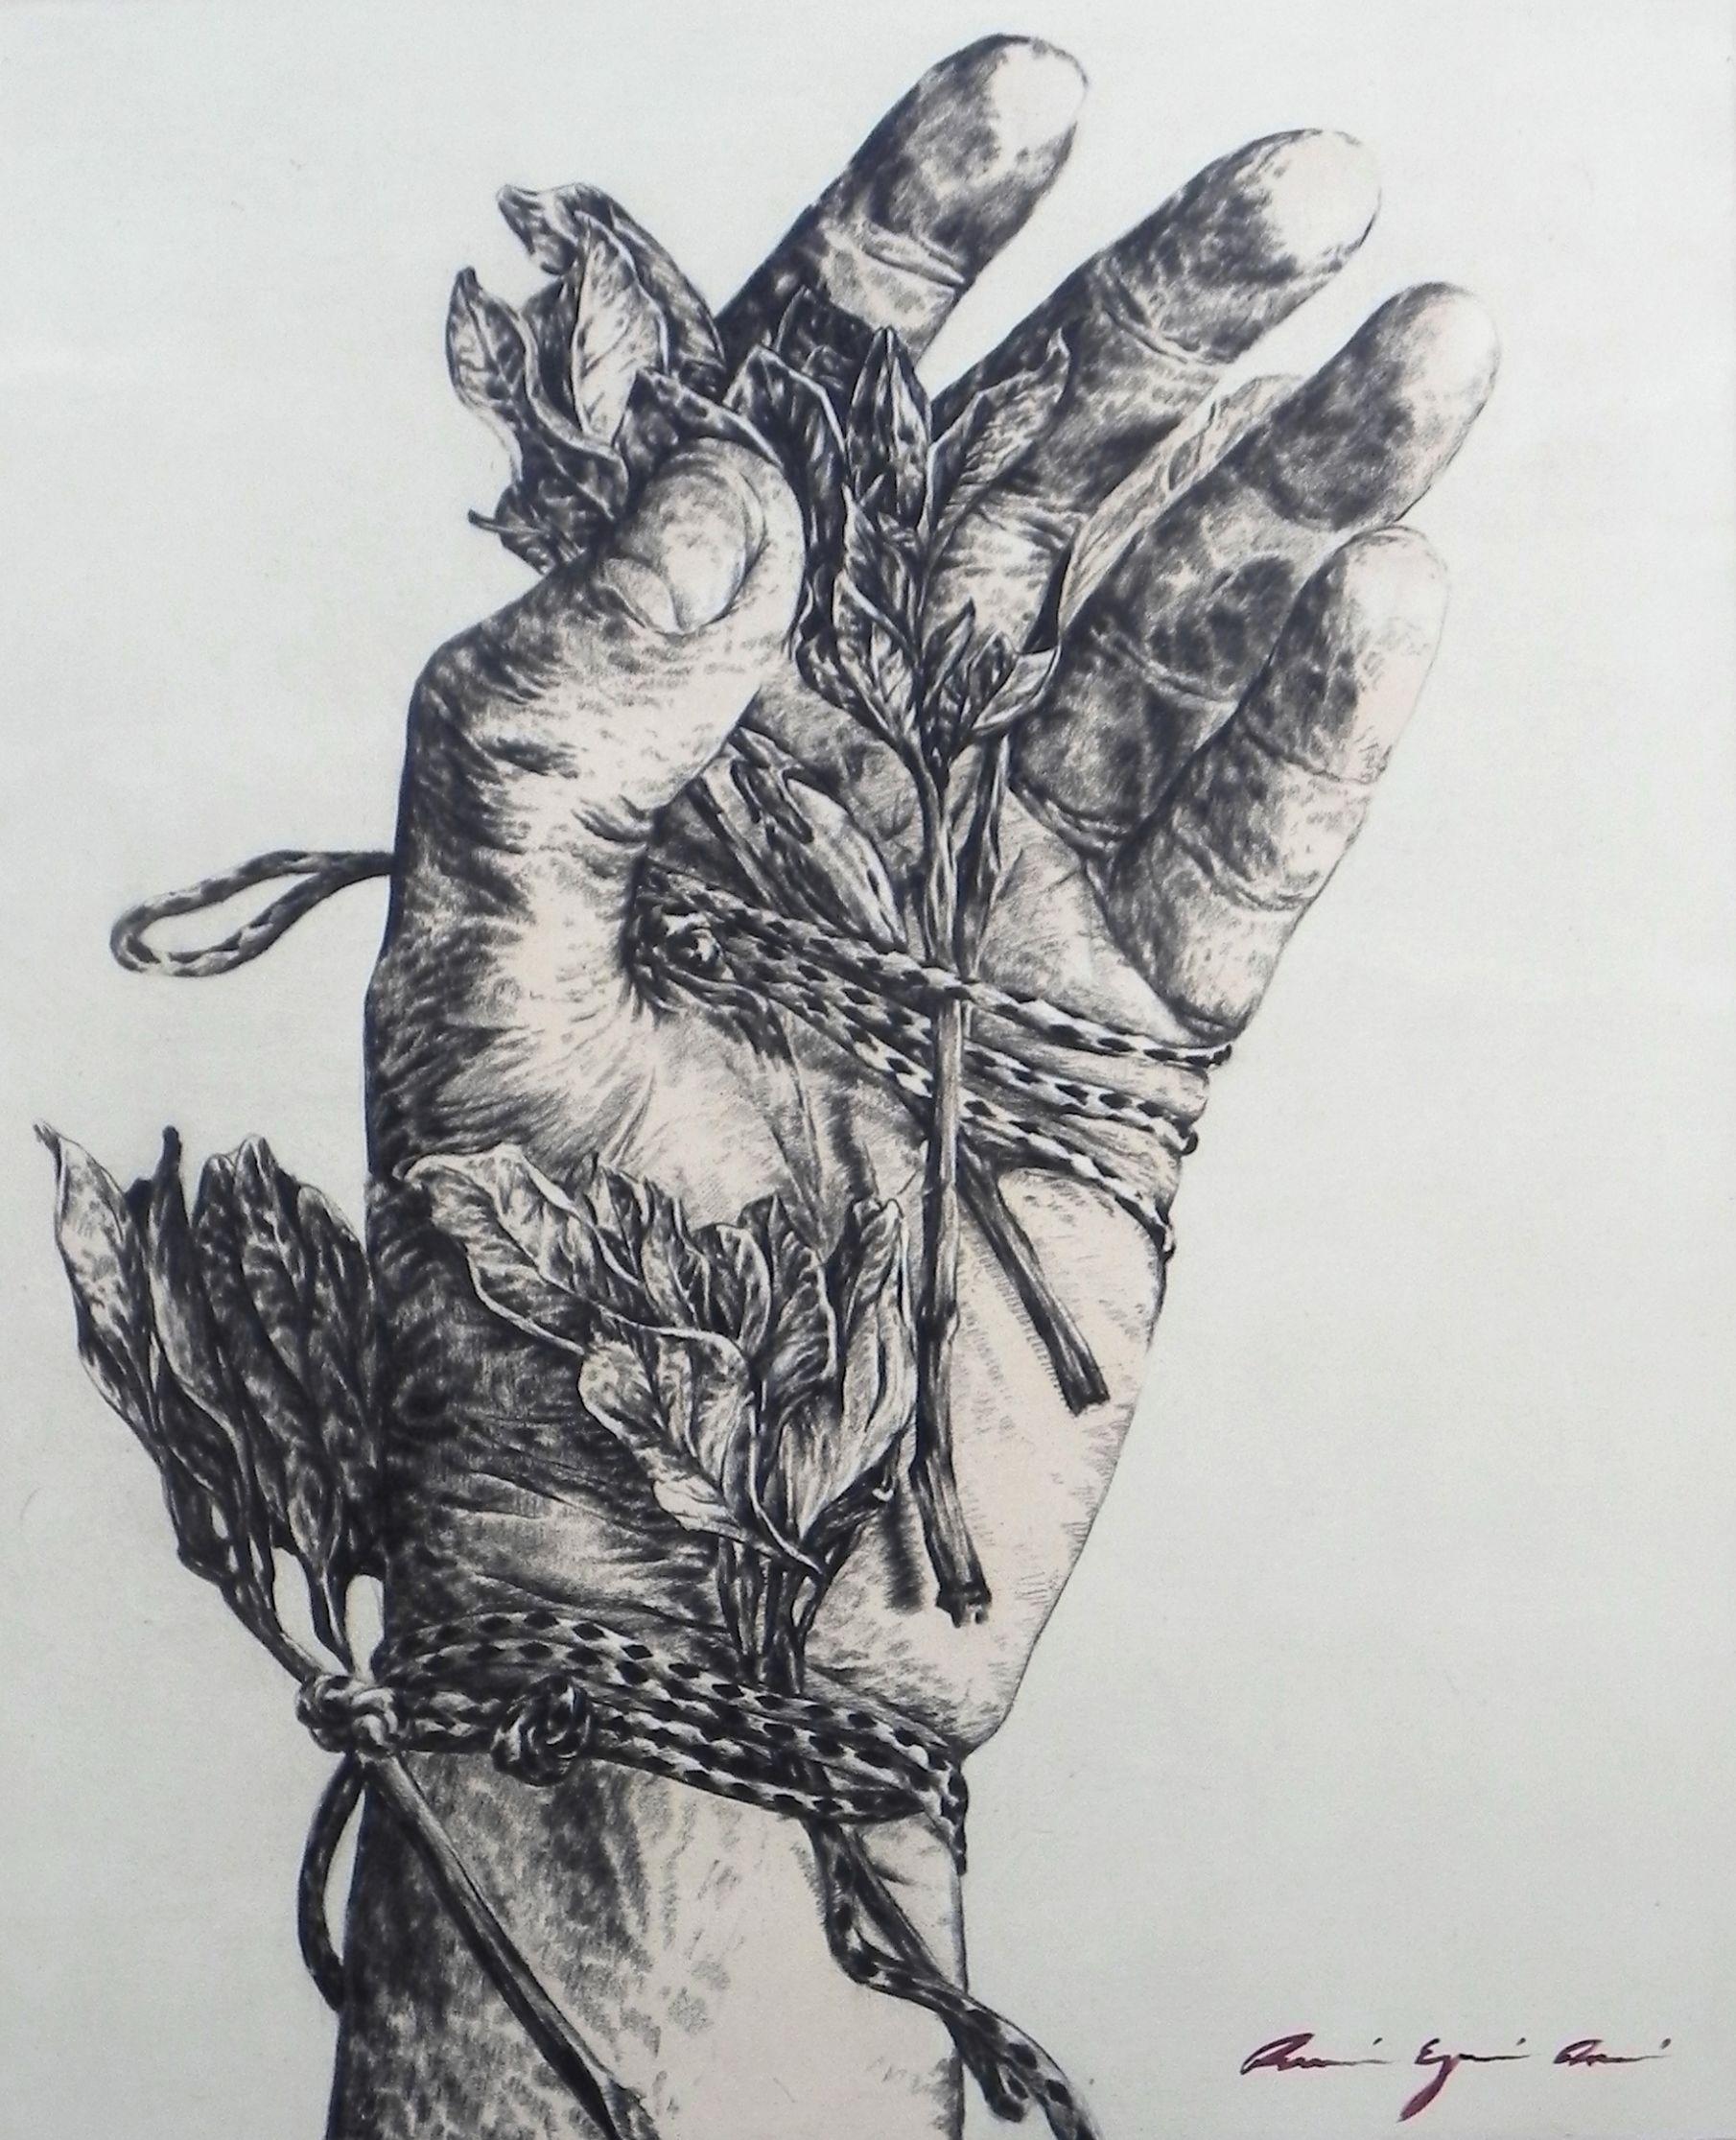 de la serie: Presente Compuesto. Carbón y acrílico sobre tela, 170x140cm. 2013